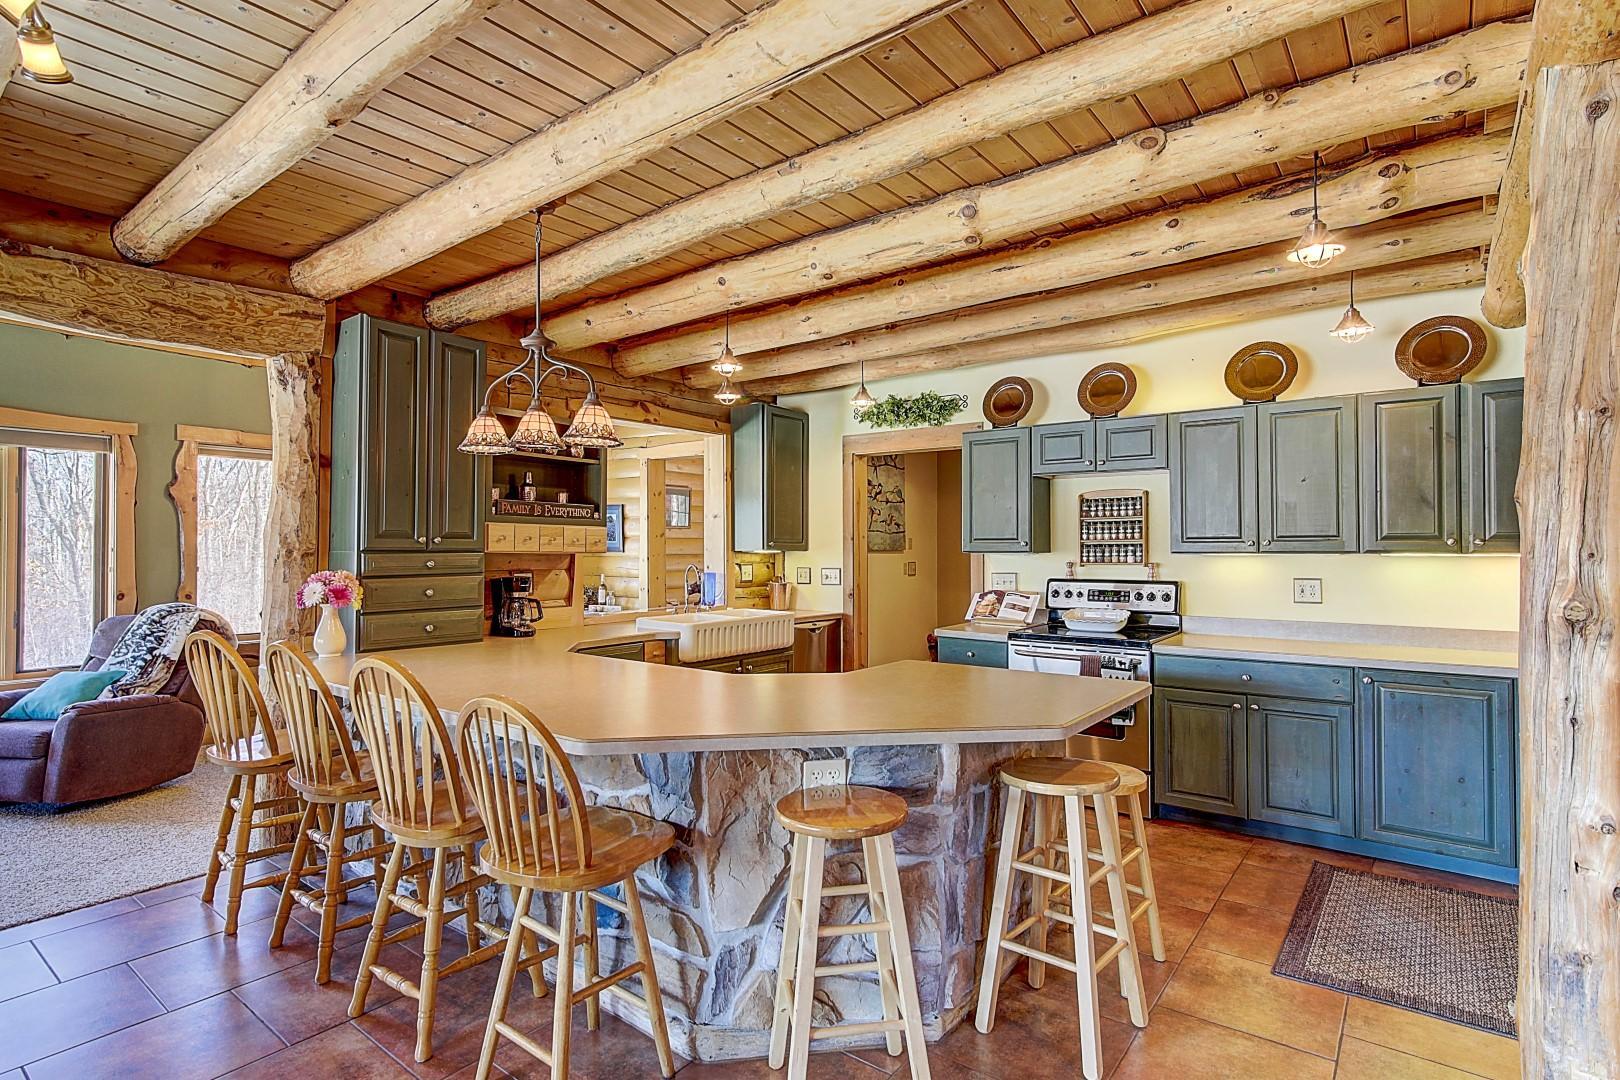 Kitchen - Includes Appliances